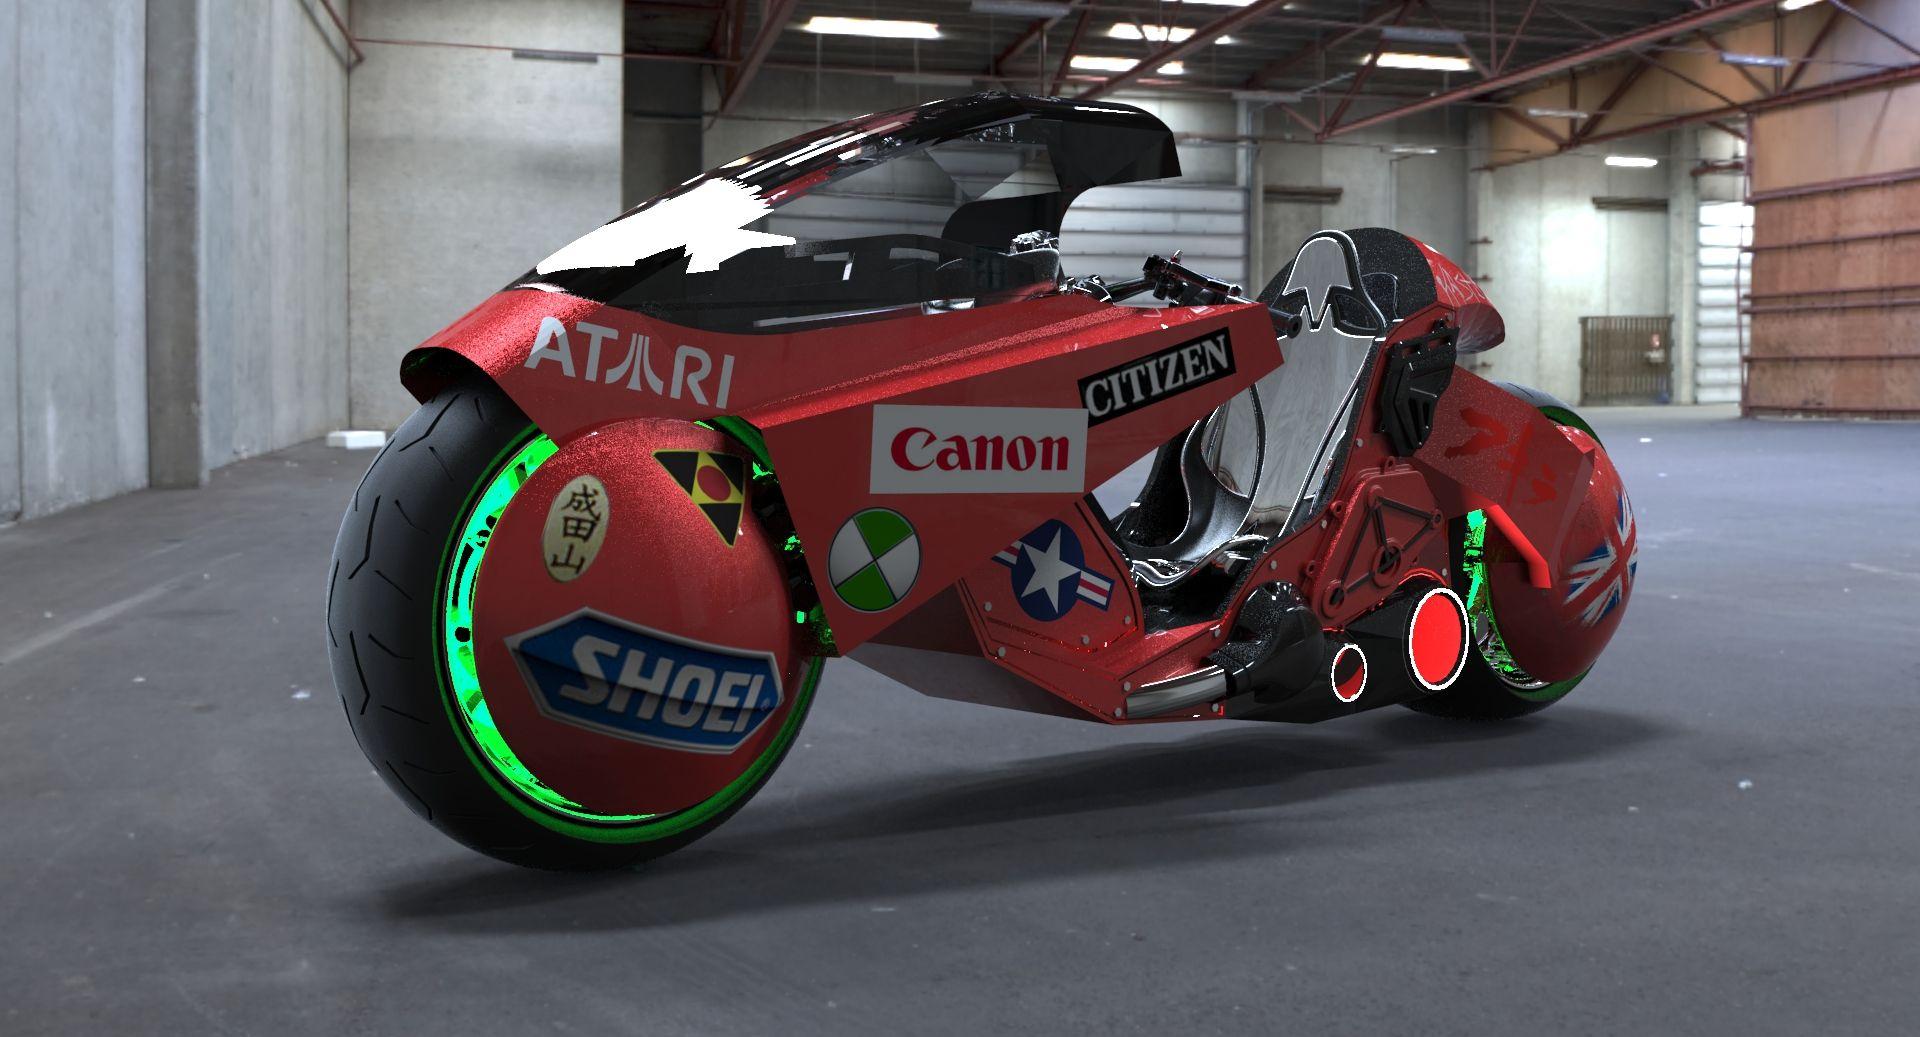 Акира мотоцикл